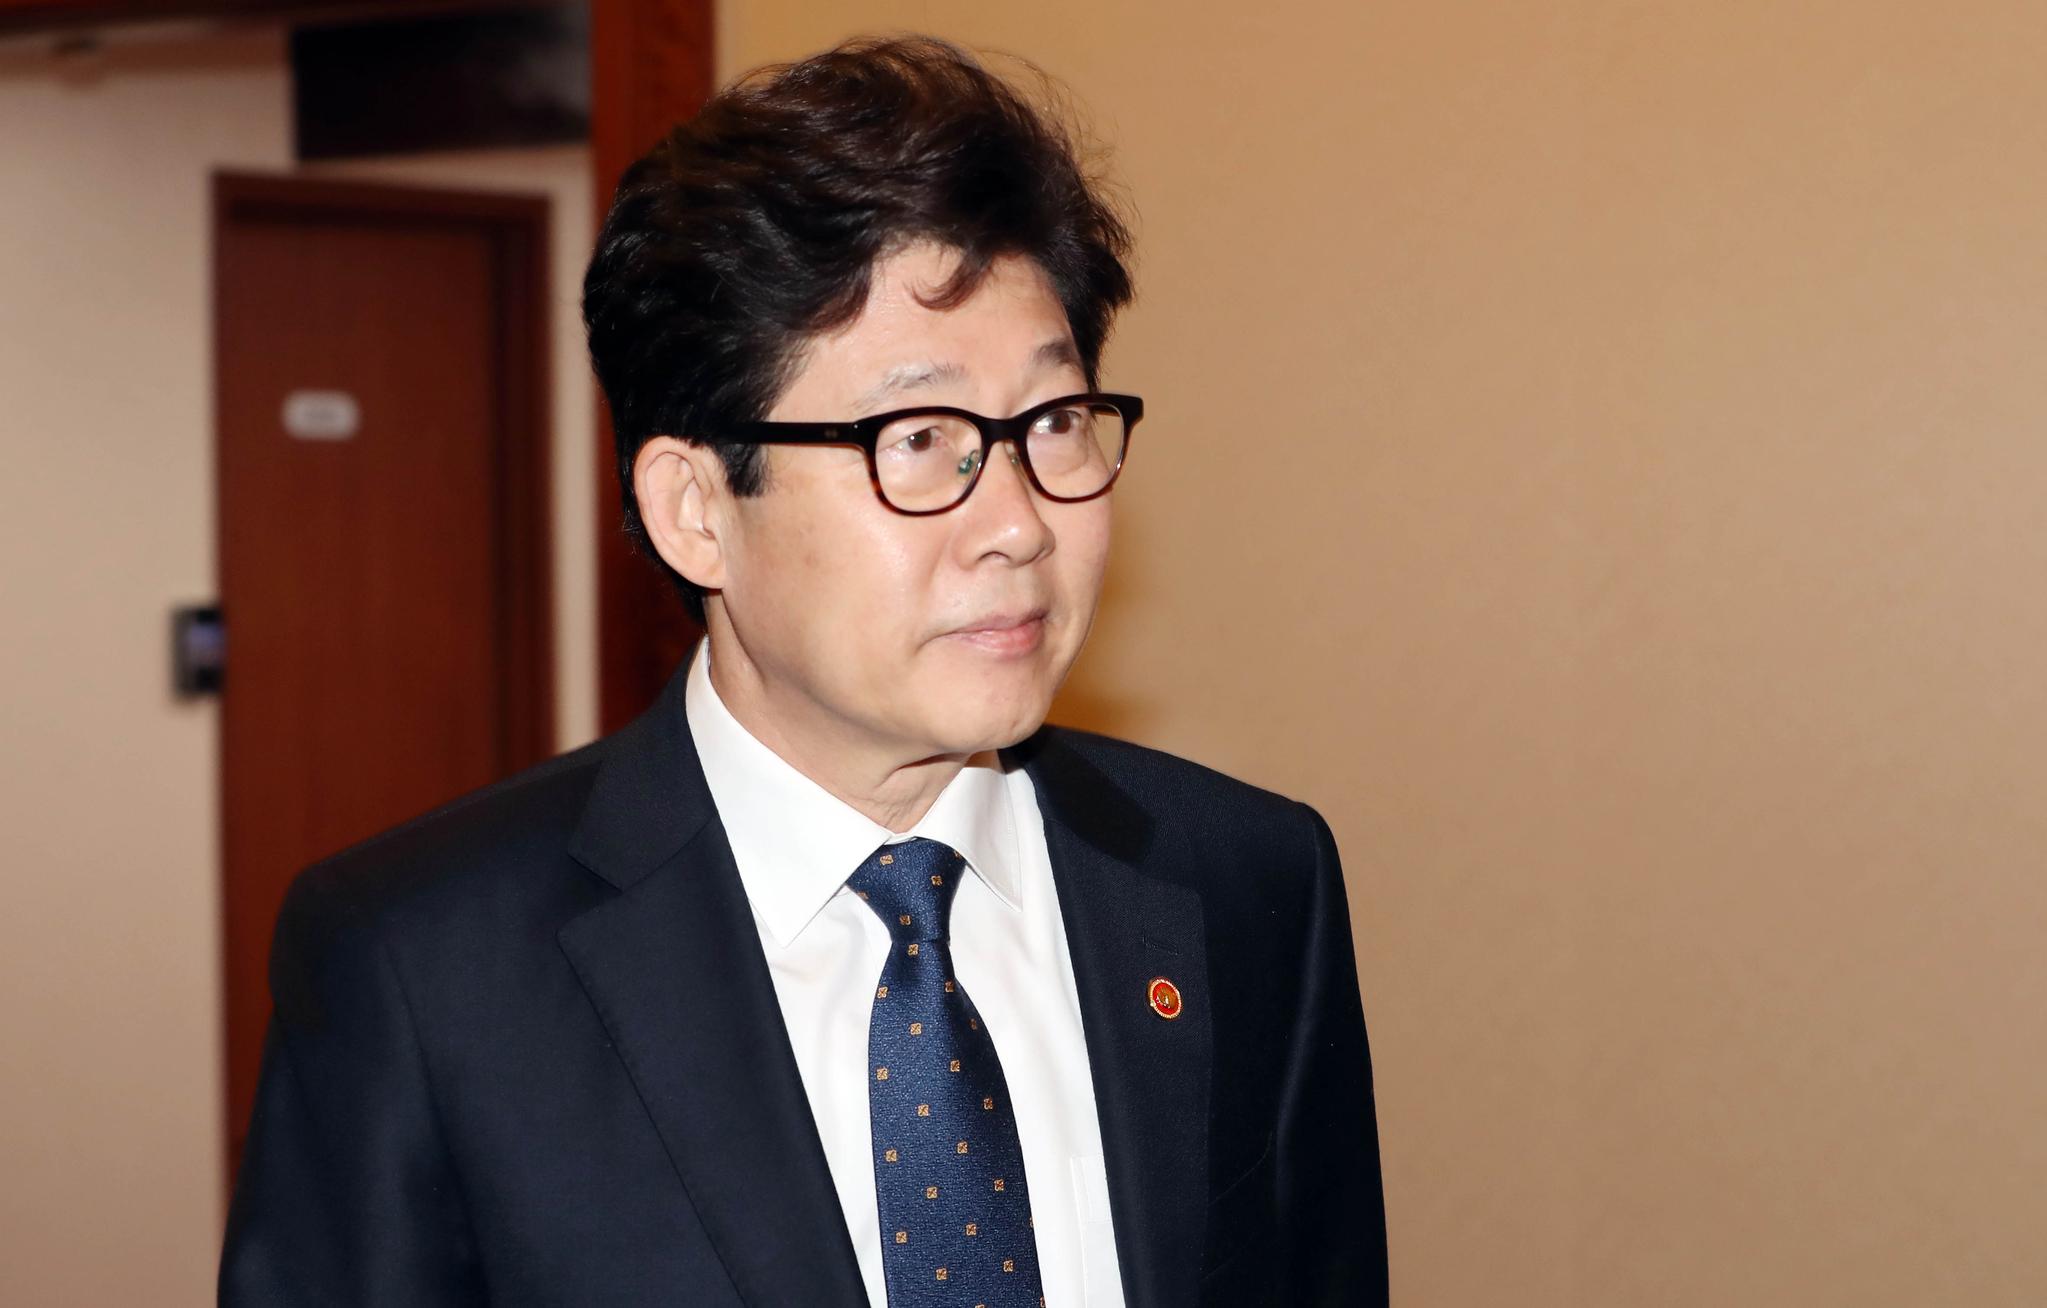 조명래 환경부 장관이 13일 오전 서울 세종로 정부서울청사에서 열린 국무회의에 첫 참석하고 있다. 변선구 기자